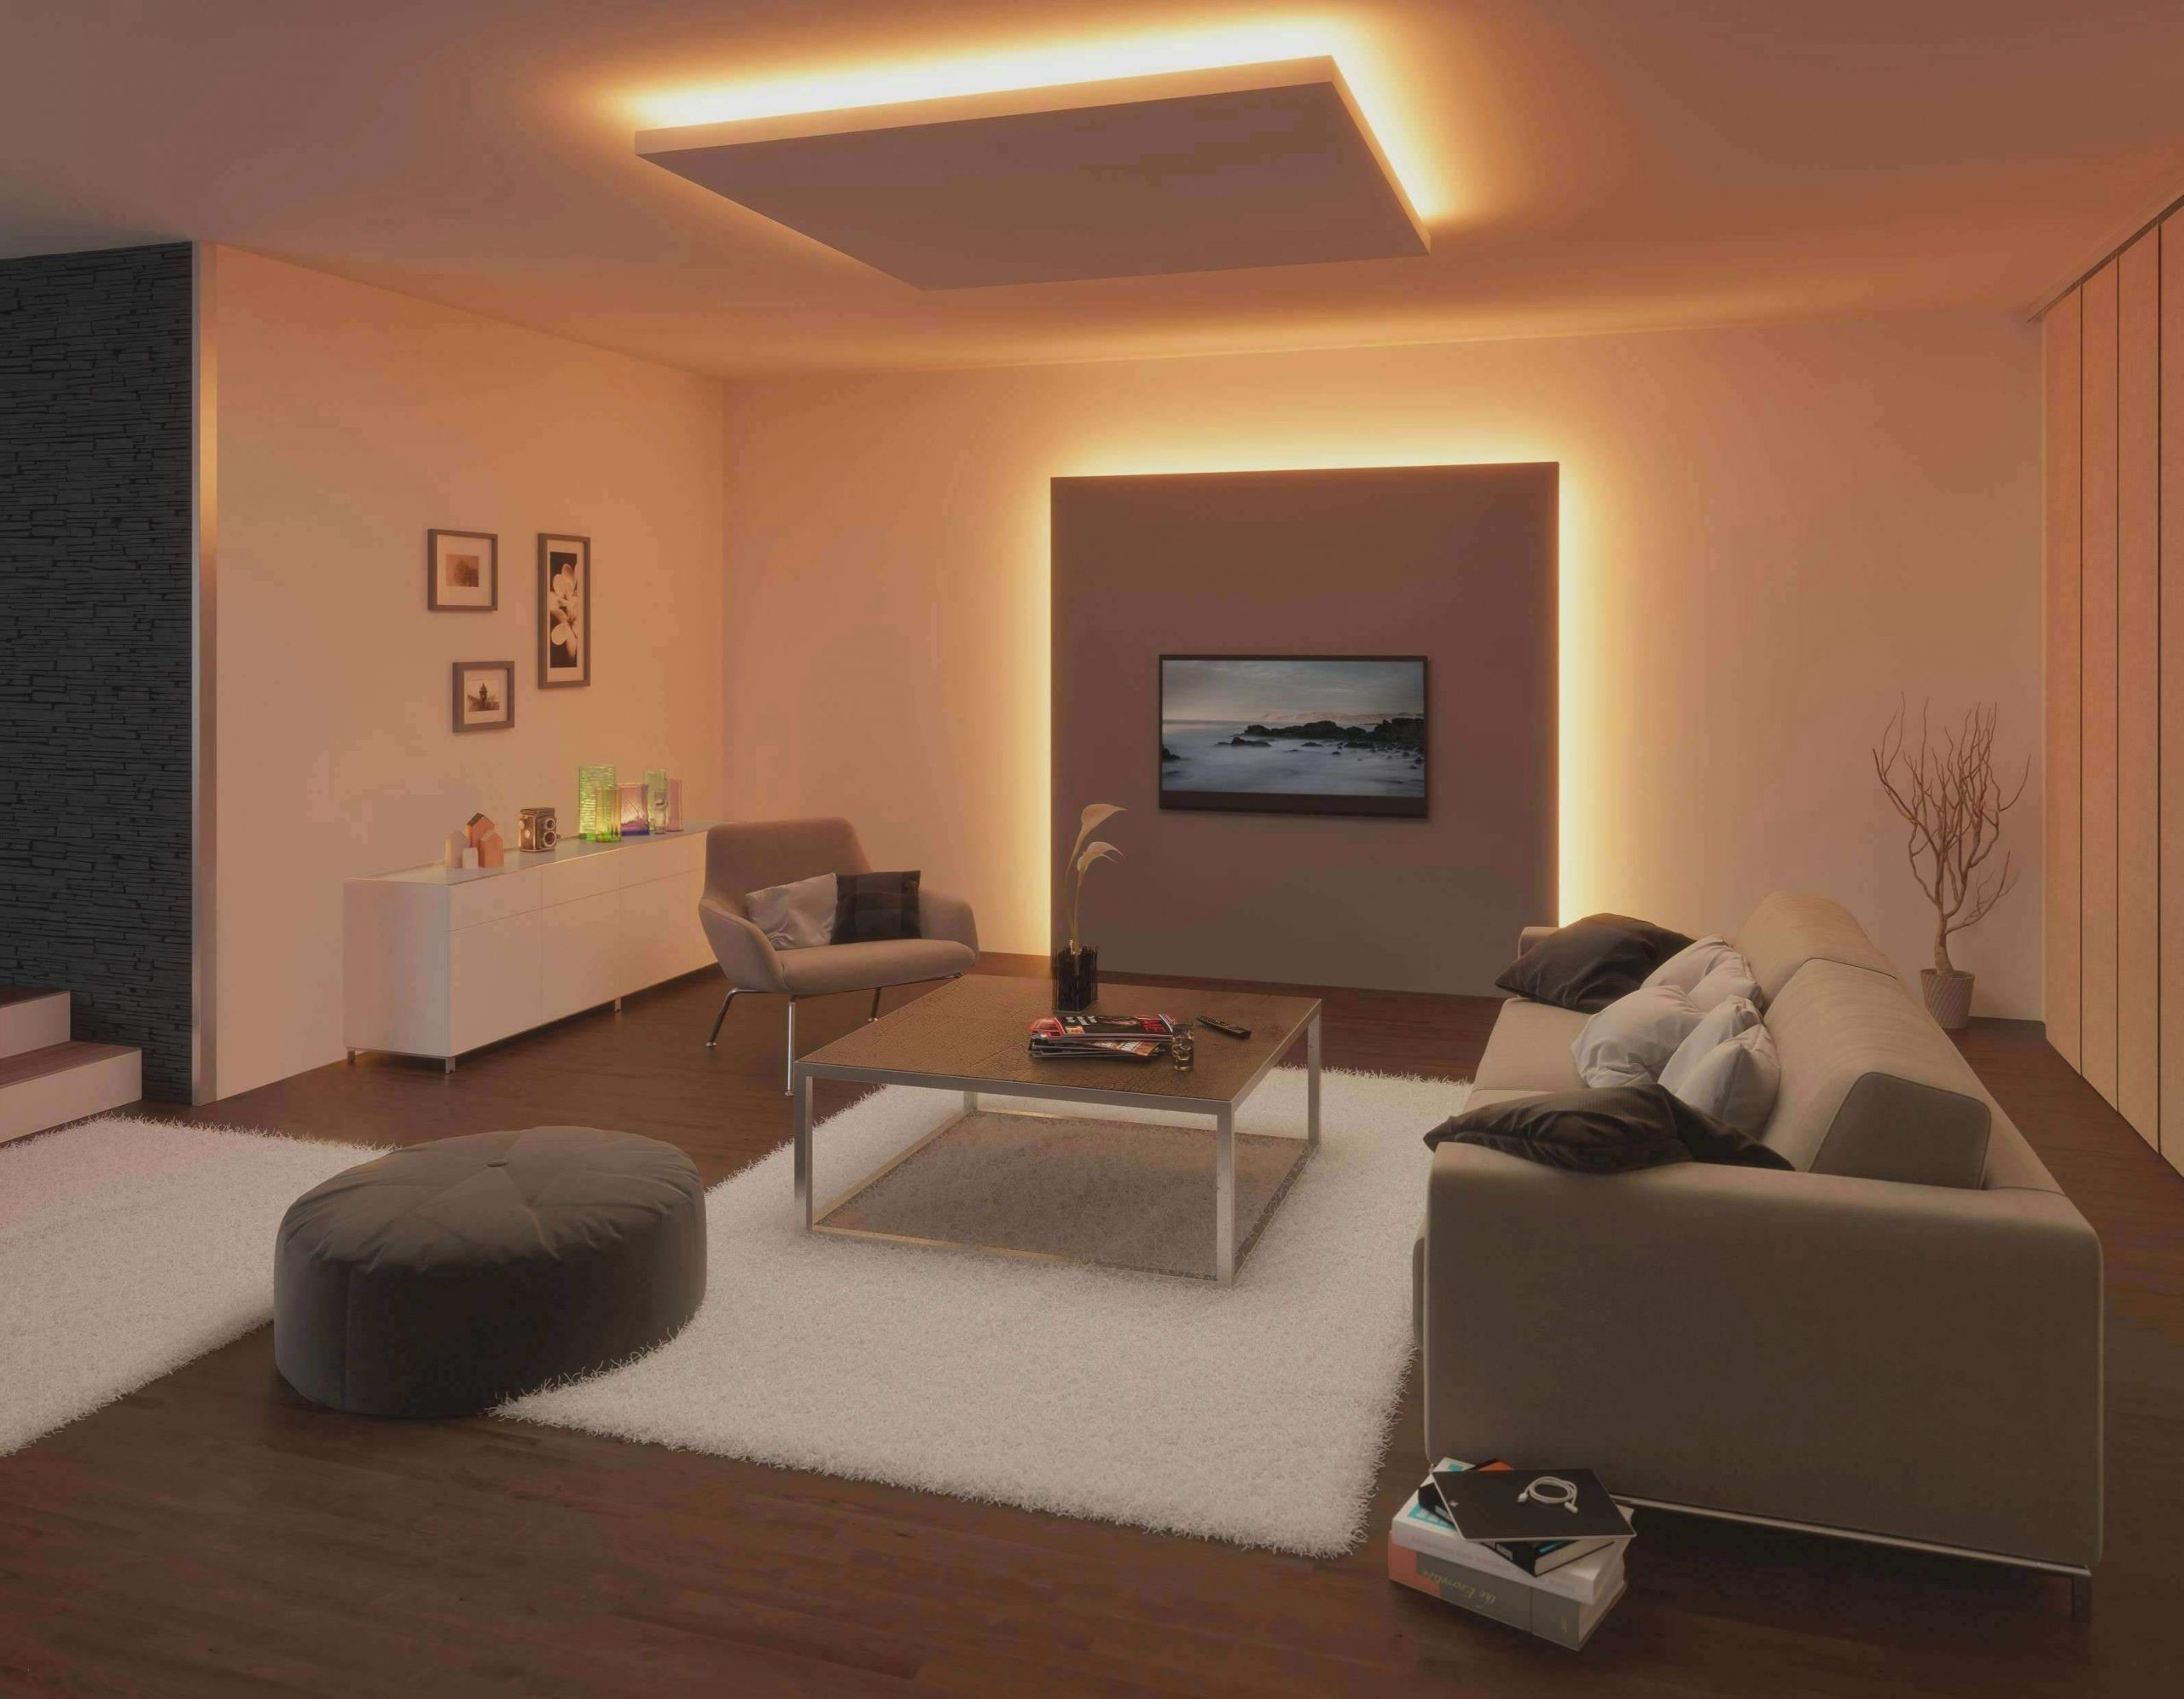 ideen fur wohnzimmer inspirierend 50 einzigartig von leinwandbilder fur wohnzimmer design of ideen fur wohnzimmer